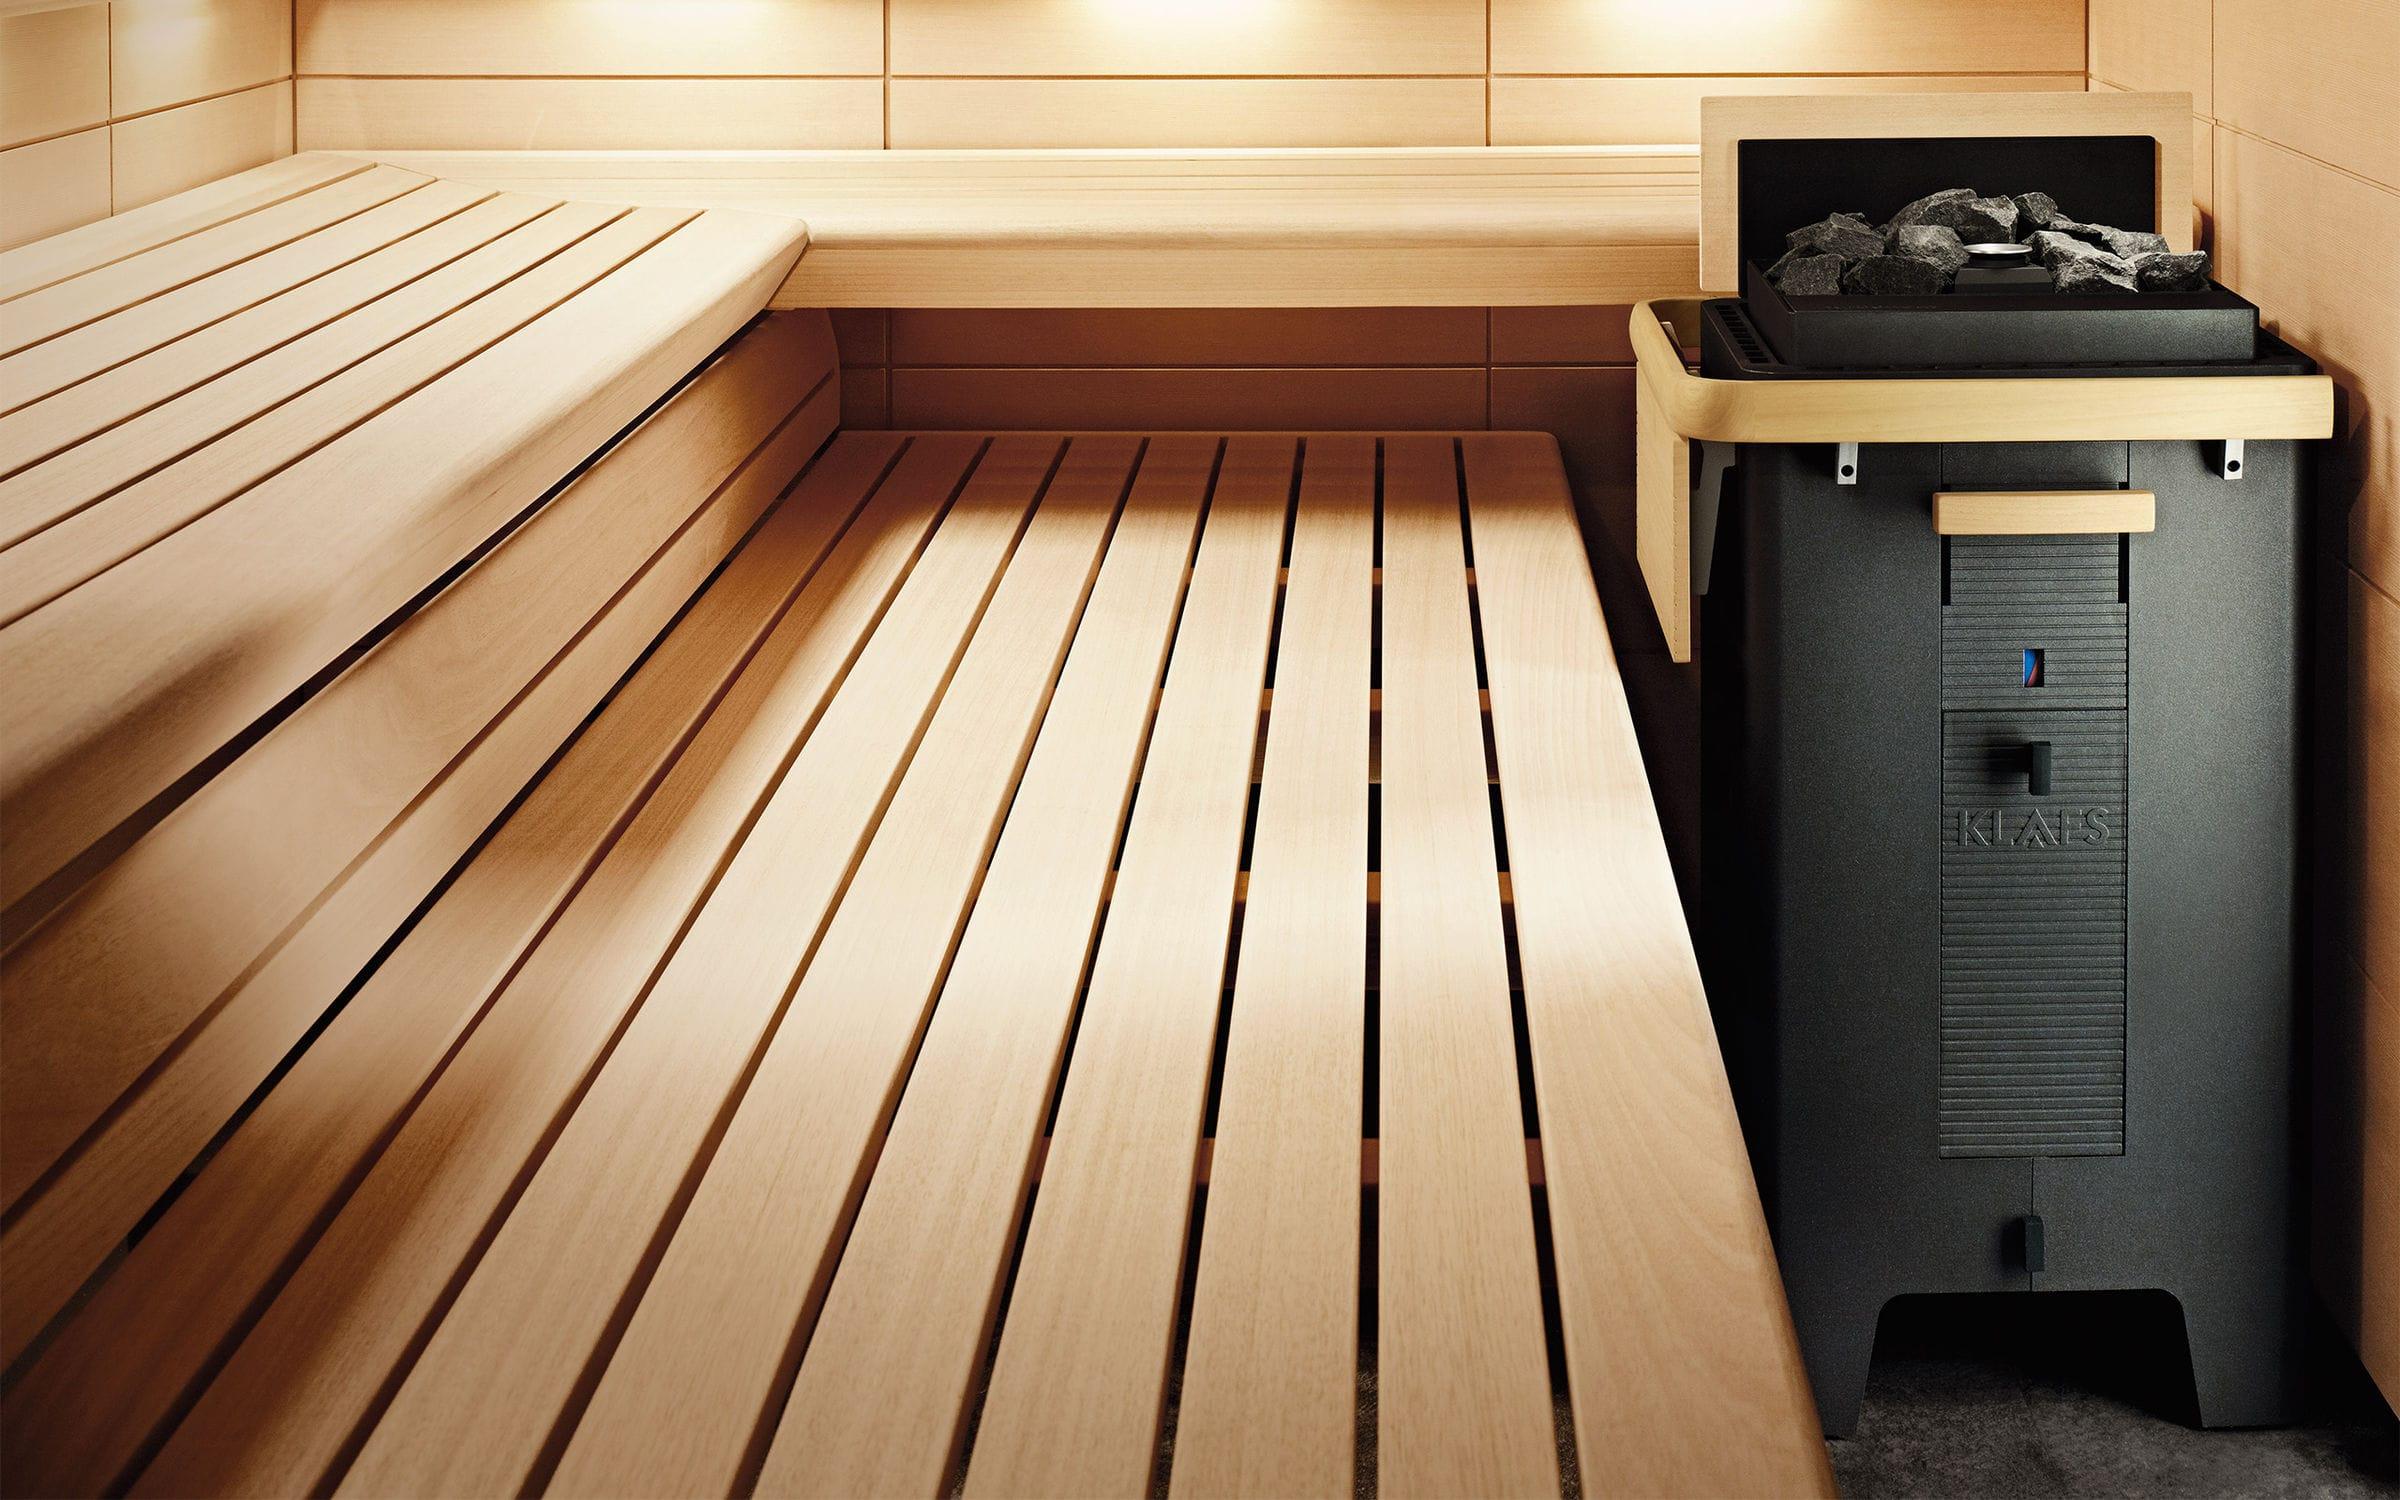 Sauna Poele Electrique poêle électrique / contemporain / en métal / pour sauna - sanarium